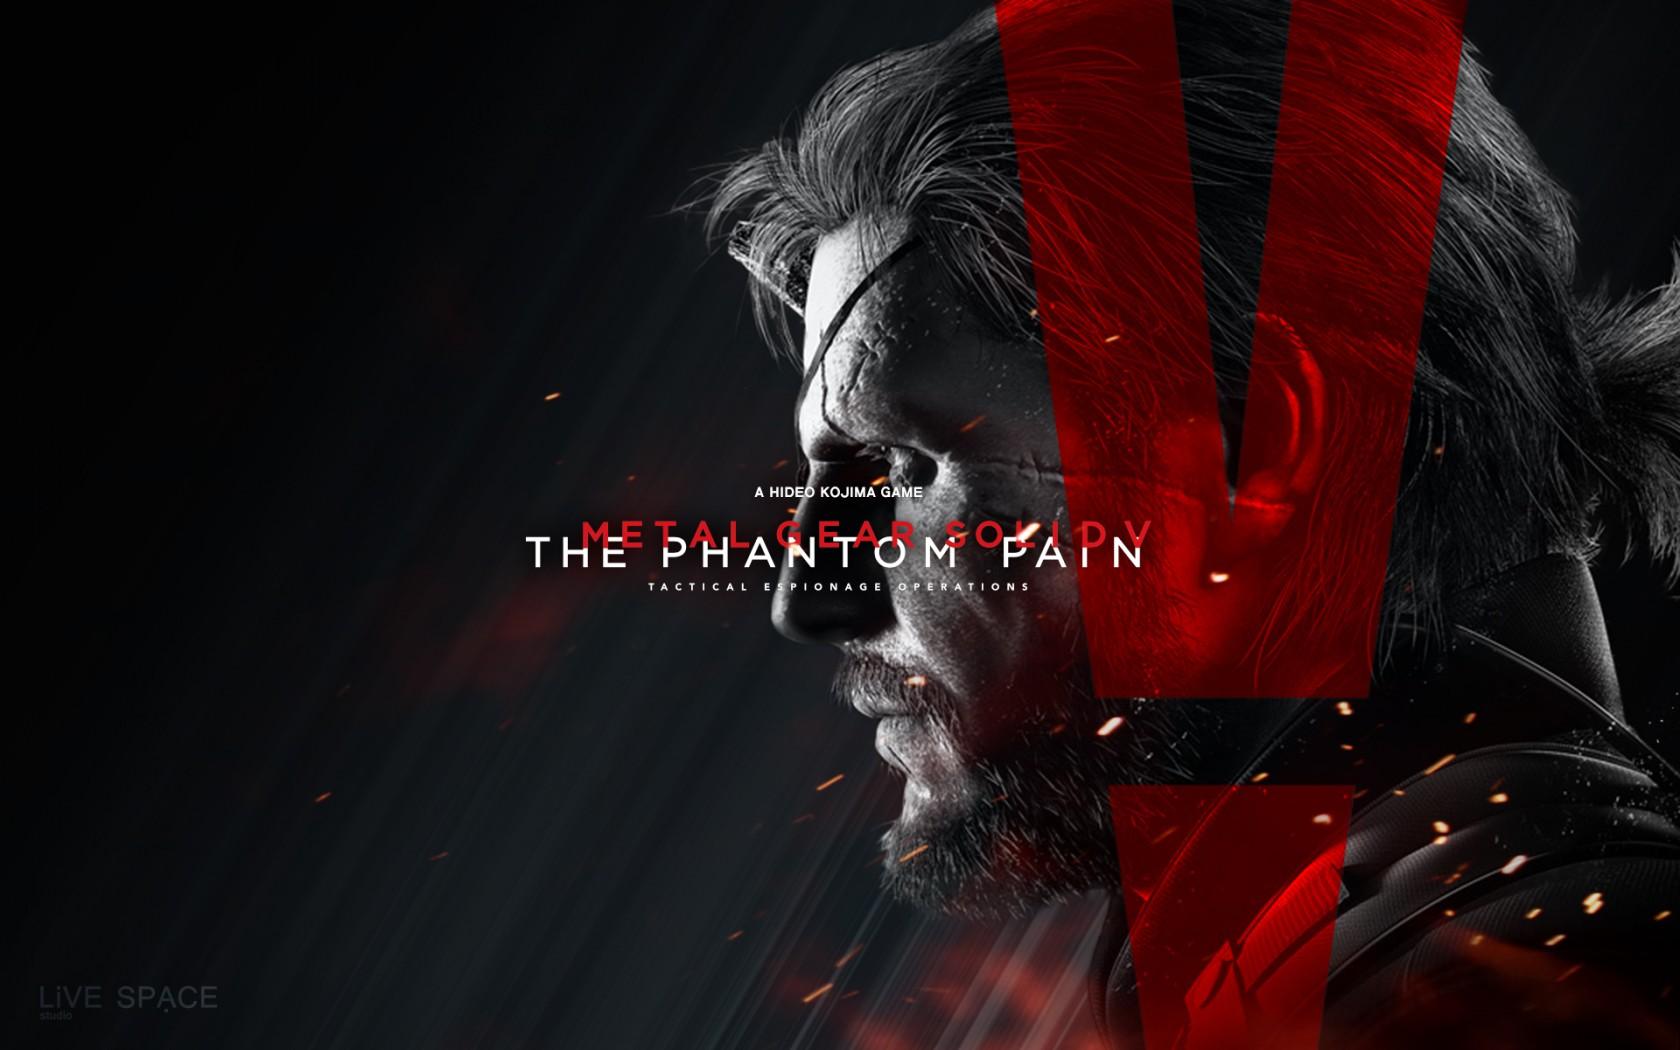 Metal Gear Solid Скачать Русификатор